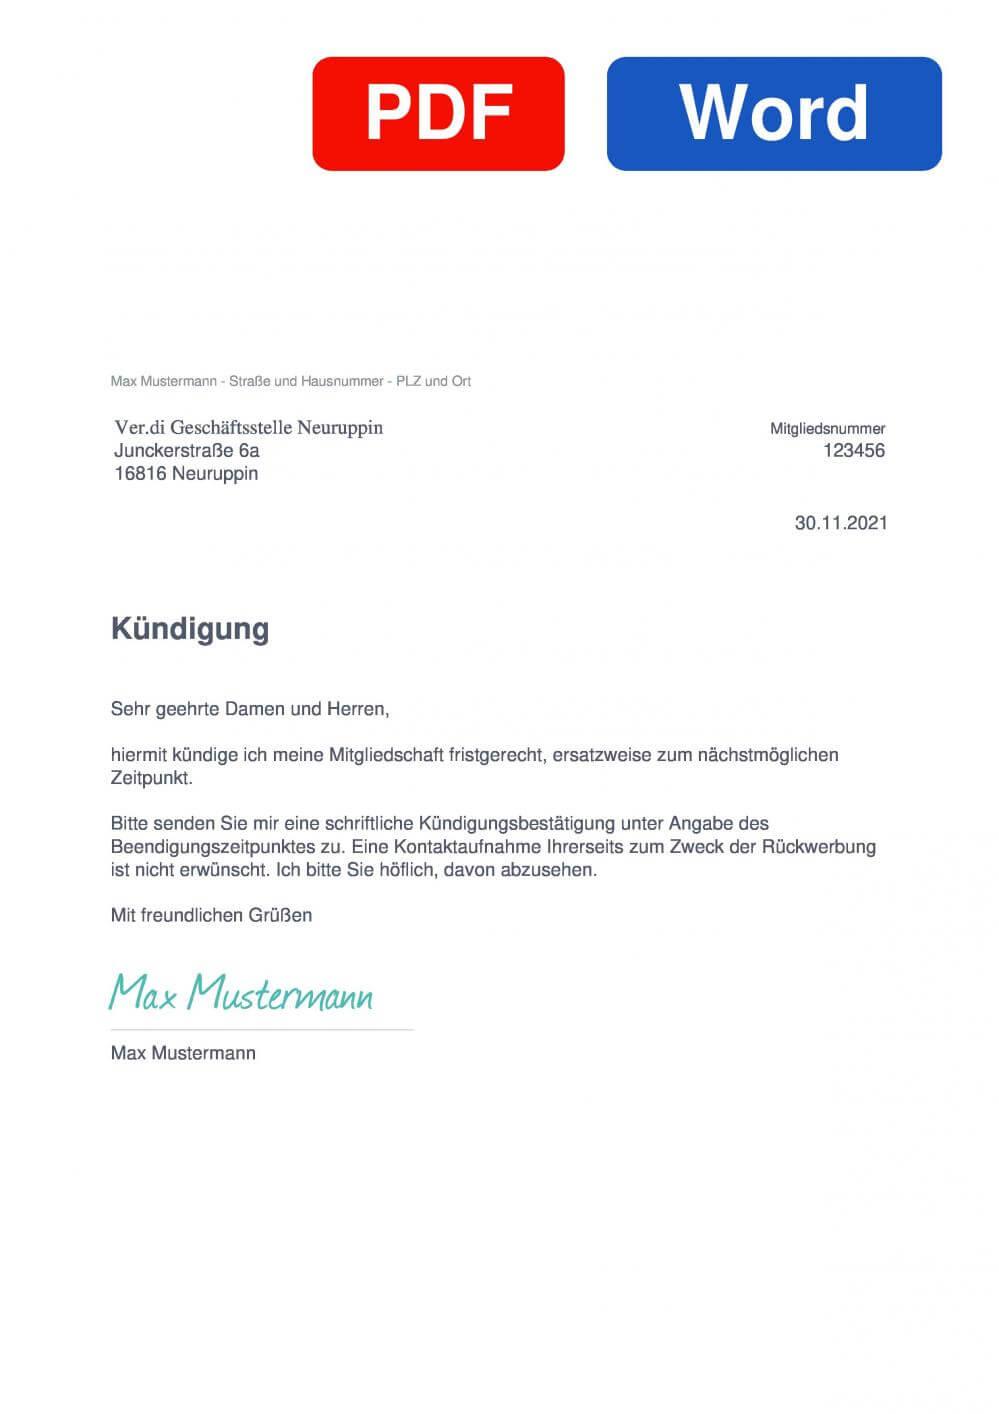 Verdi Neuruppin Muster Vorlage für Kündigungsschreiben